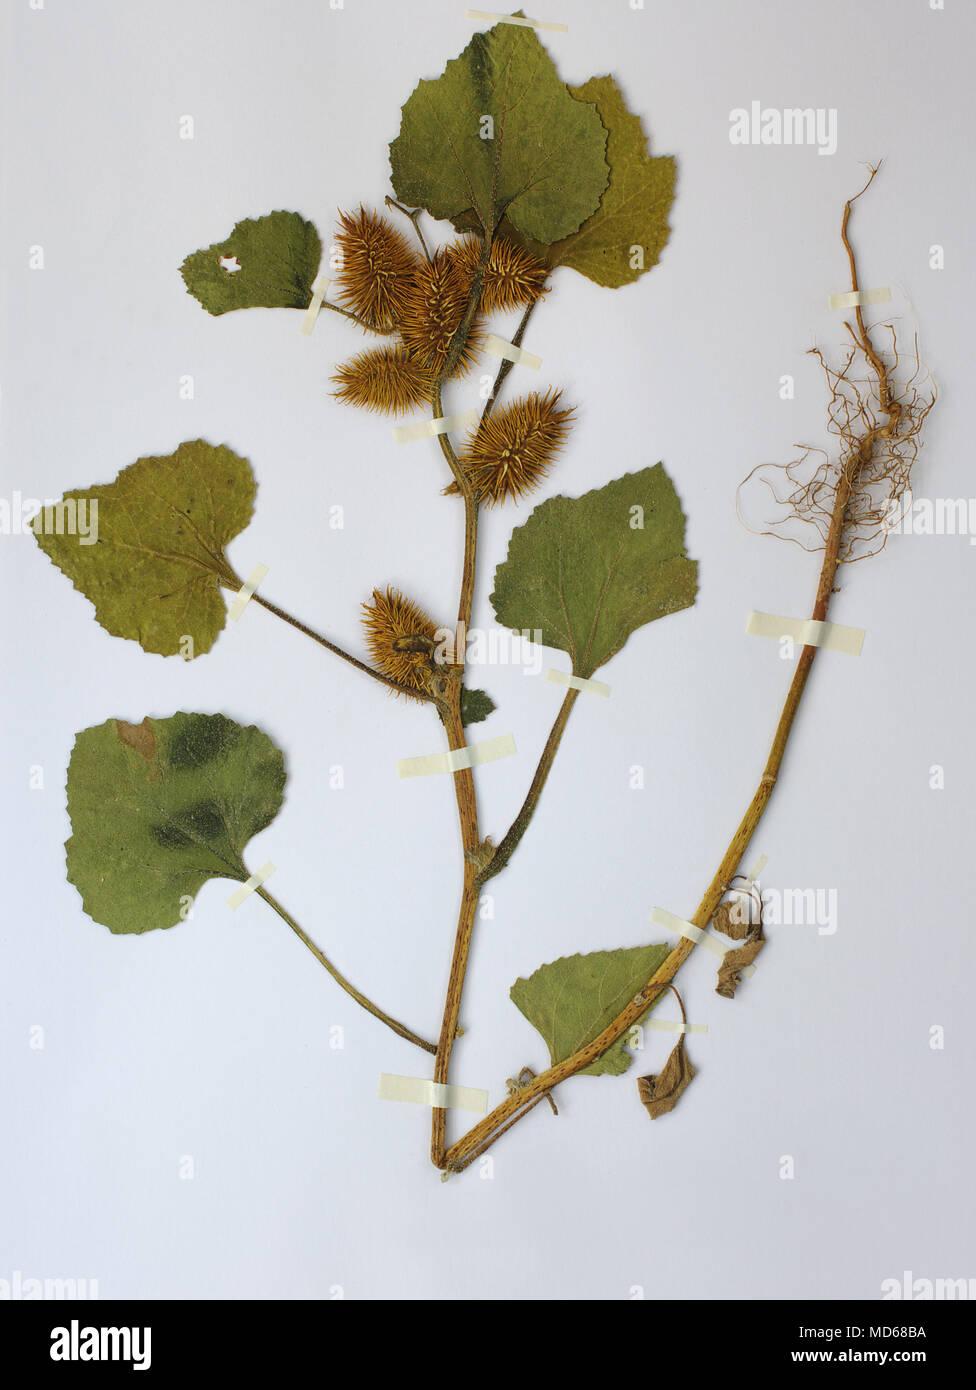 Herbarium sheet with Xanthium strumarium, the Large